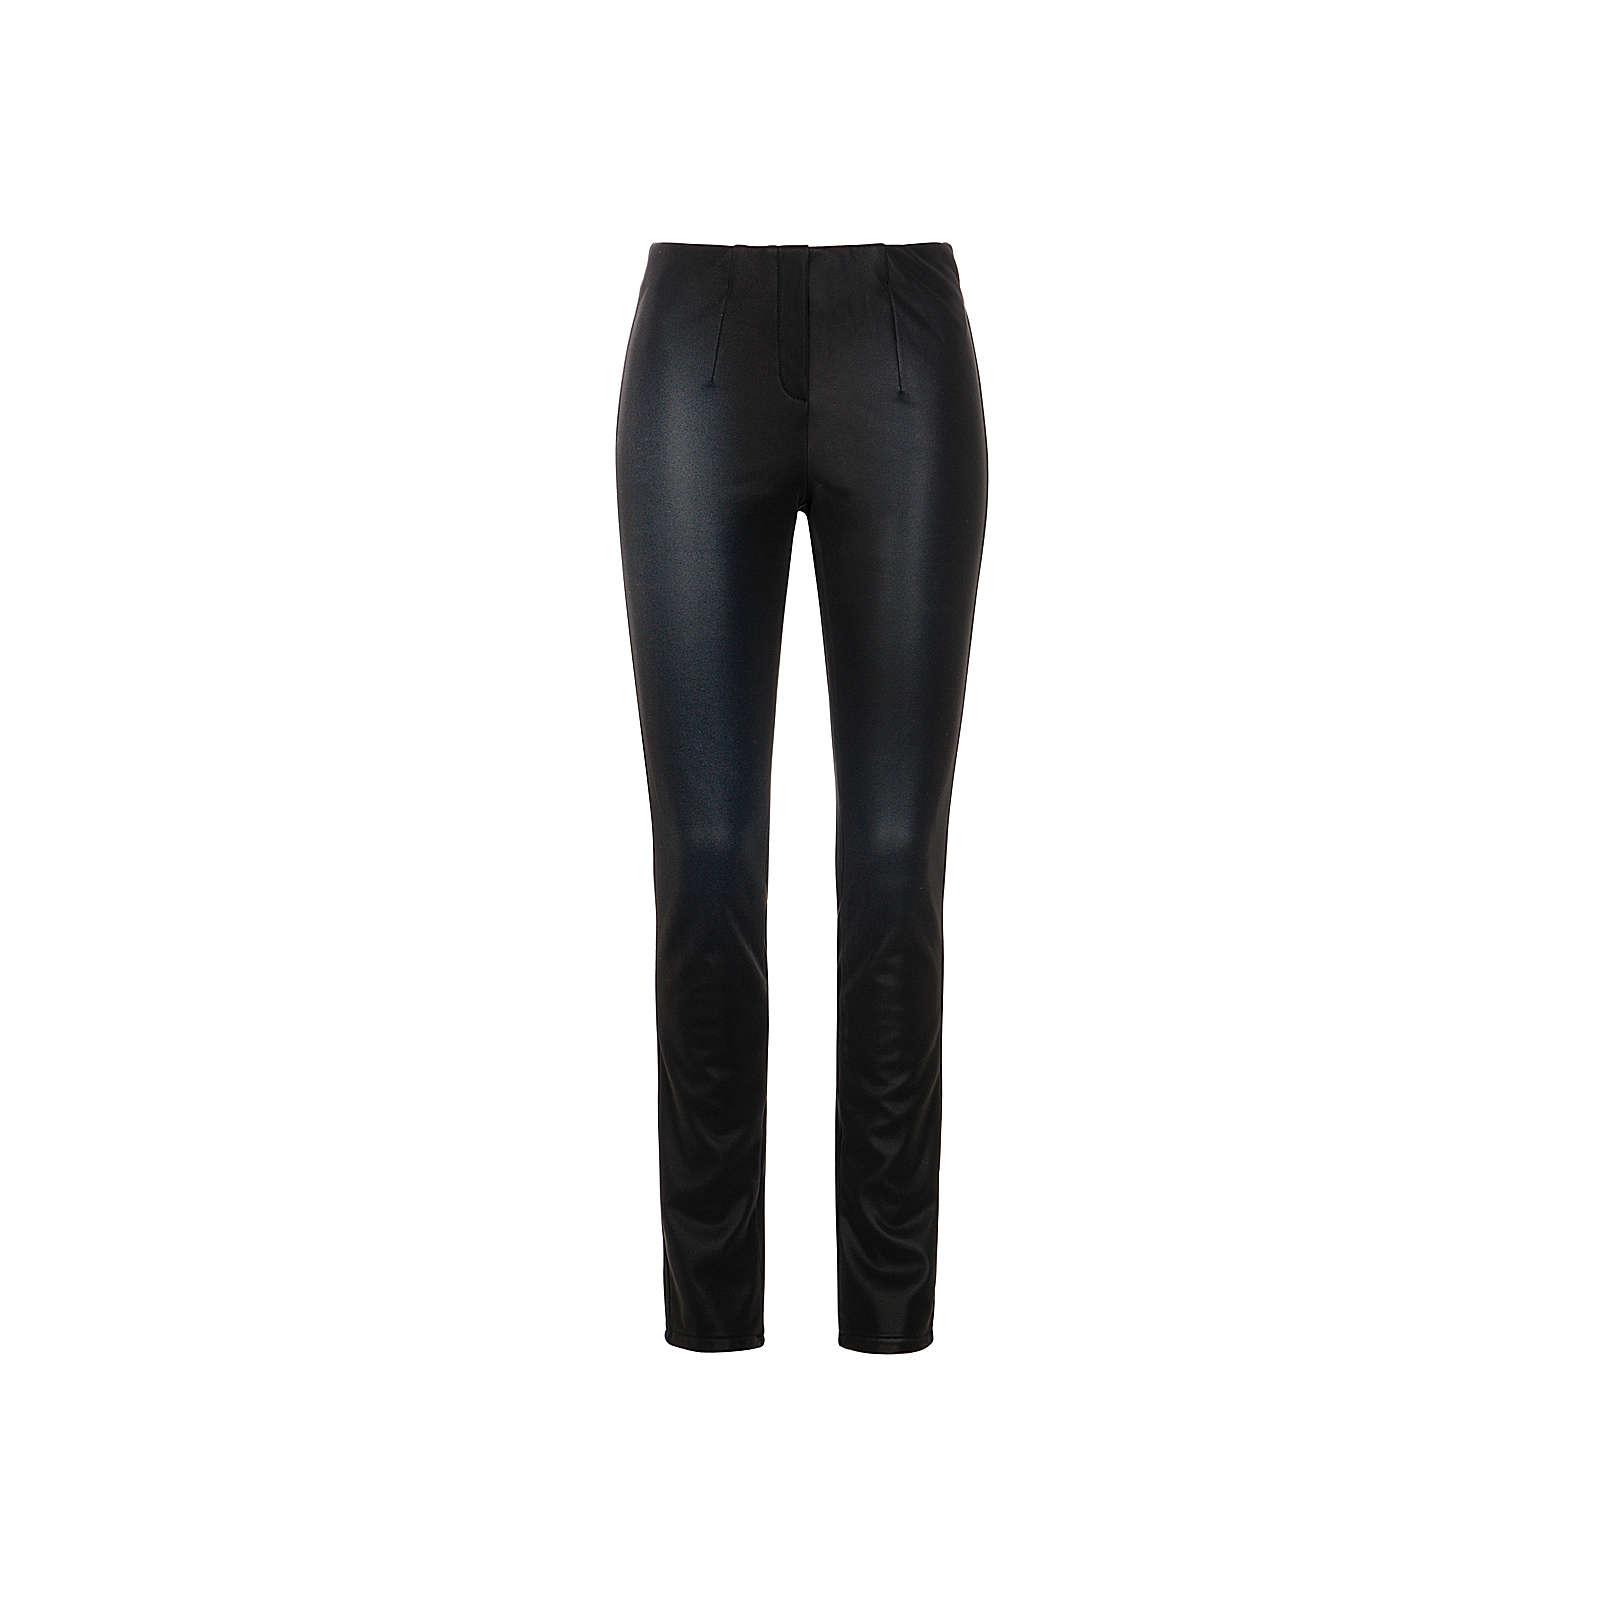 Million X Women Damen Hose Happy Fit Leather Like Jeggings schwarz Damen Gr. 42/L30